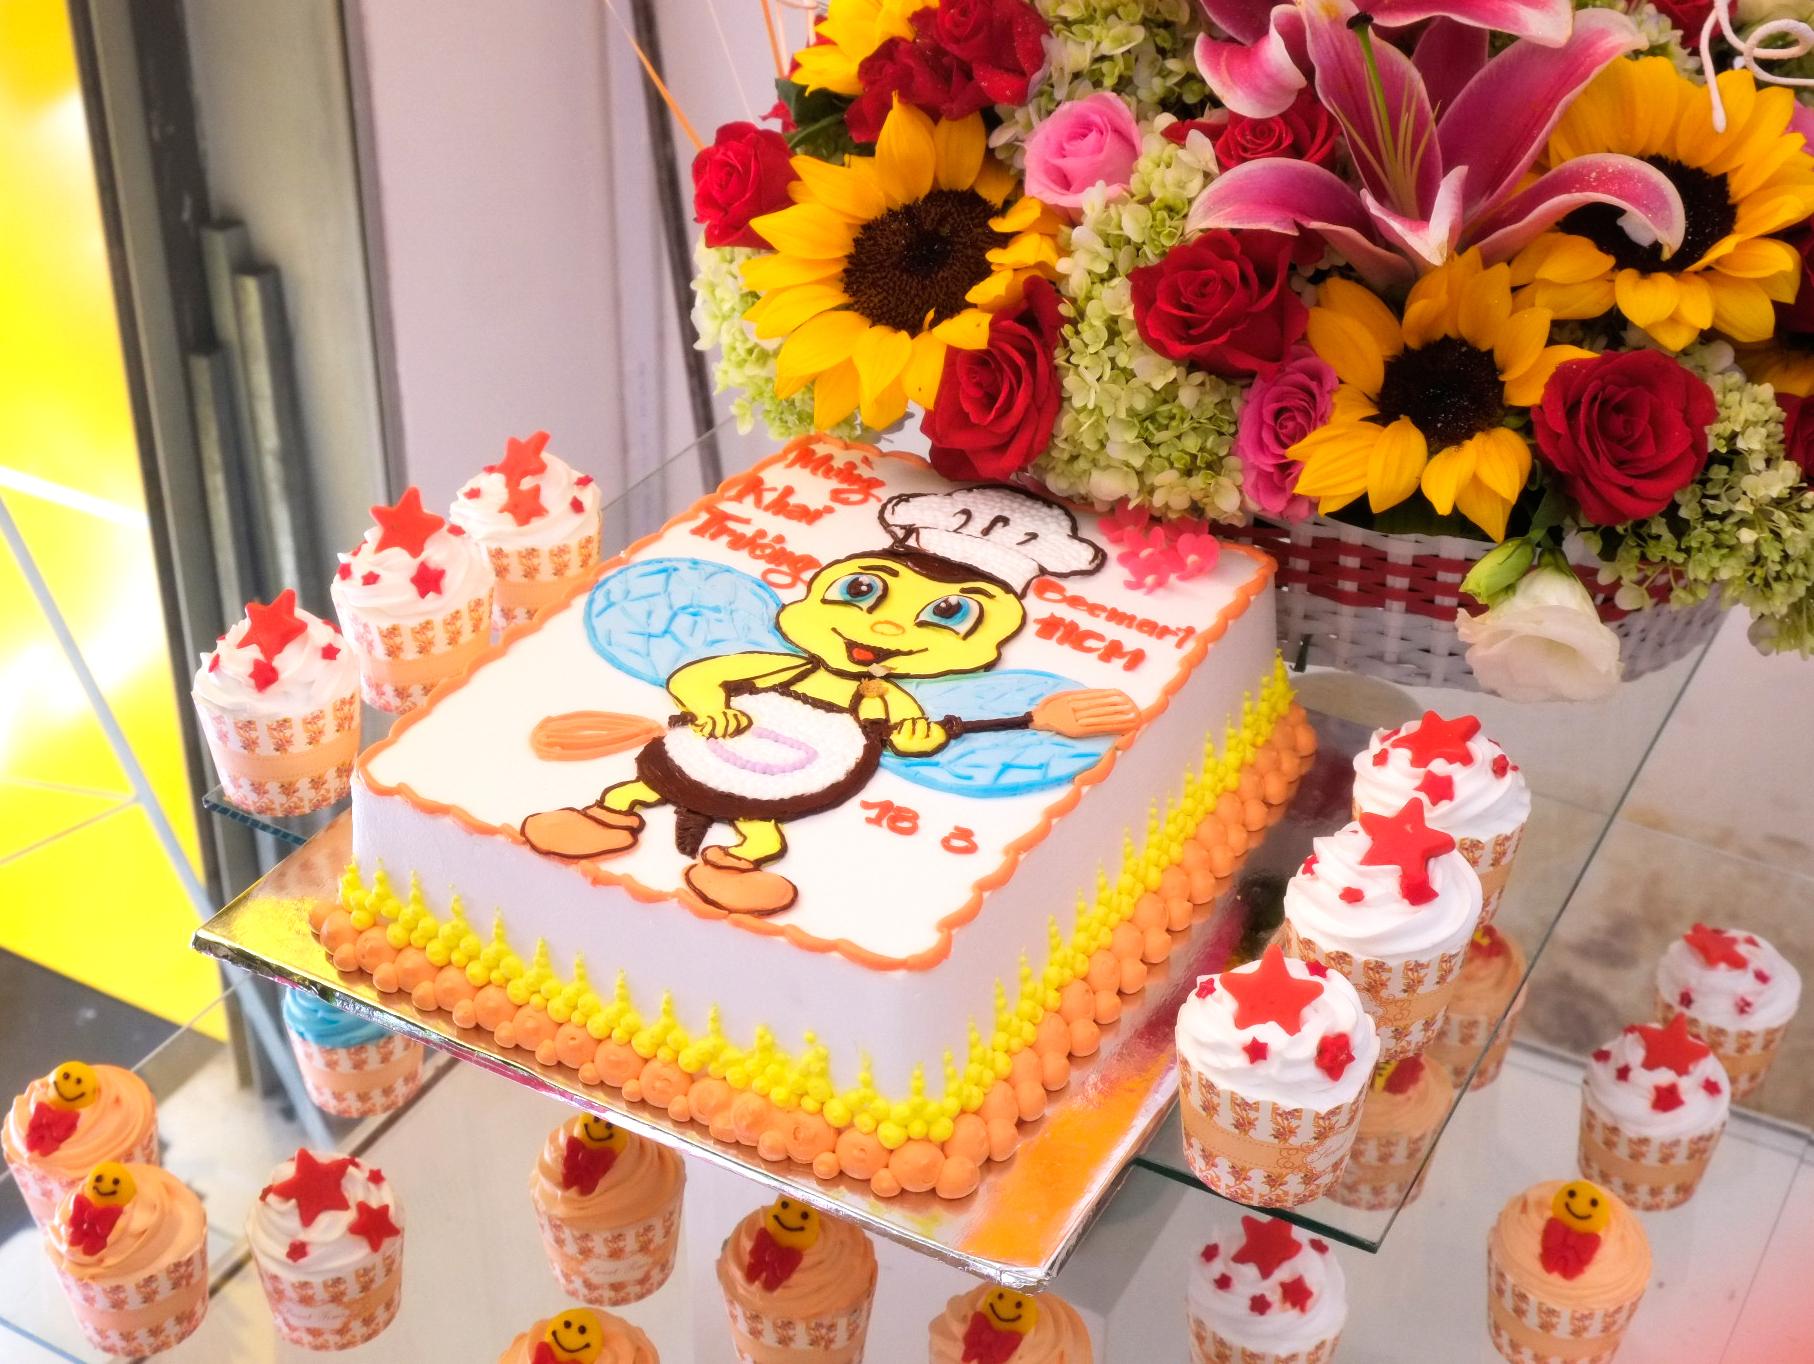 cửa hàng đồ làm bánh tại tp.hcm  Beemart ra mắt cửa hàng thứ 4, chính thức Nam tiến sau 2 năm thành lập anh 18